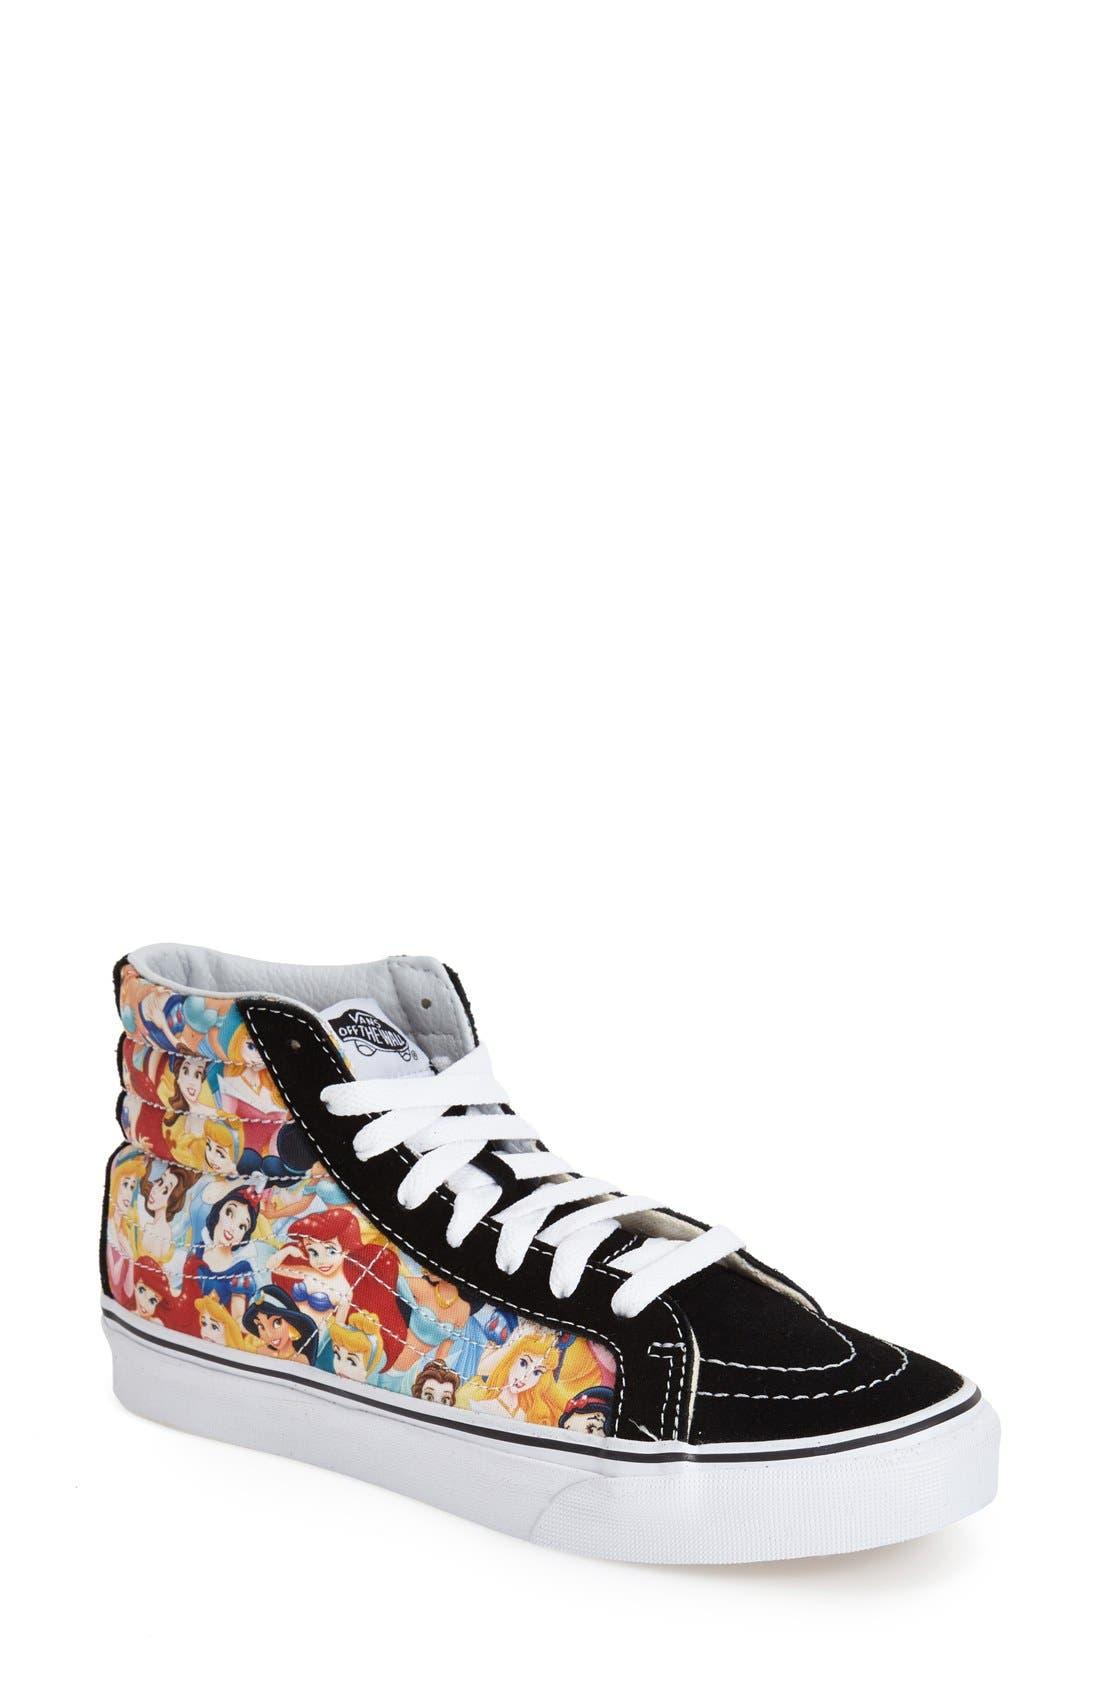 Main Image - Vans 'Sk8-Hi Slim - Disney® Princess' Sneaker (Women)